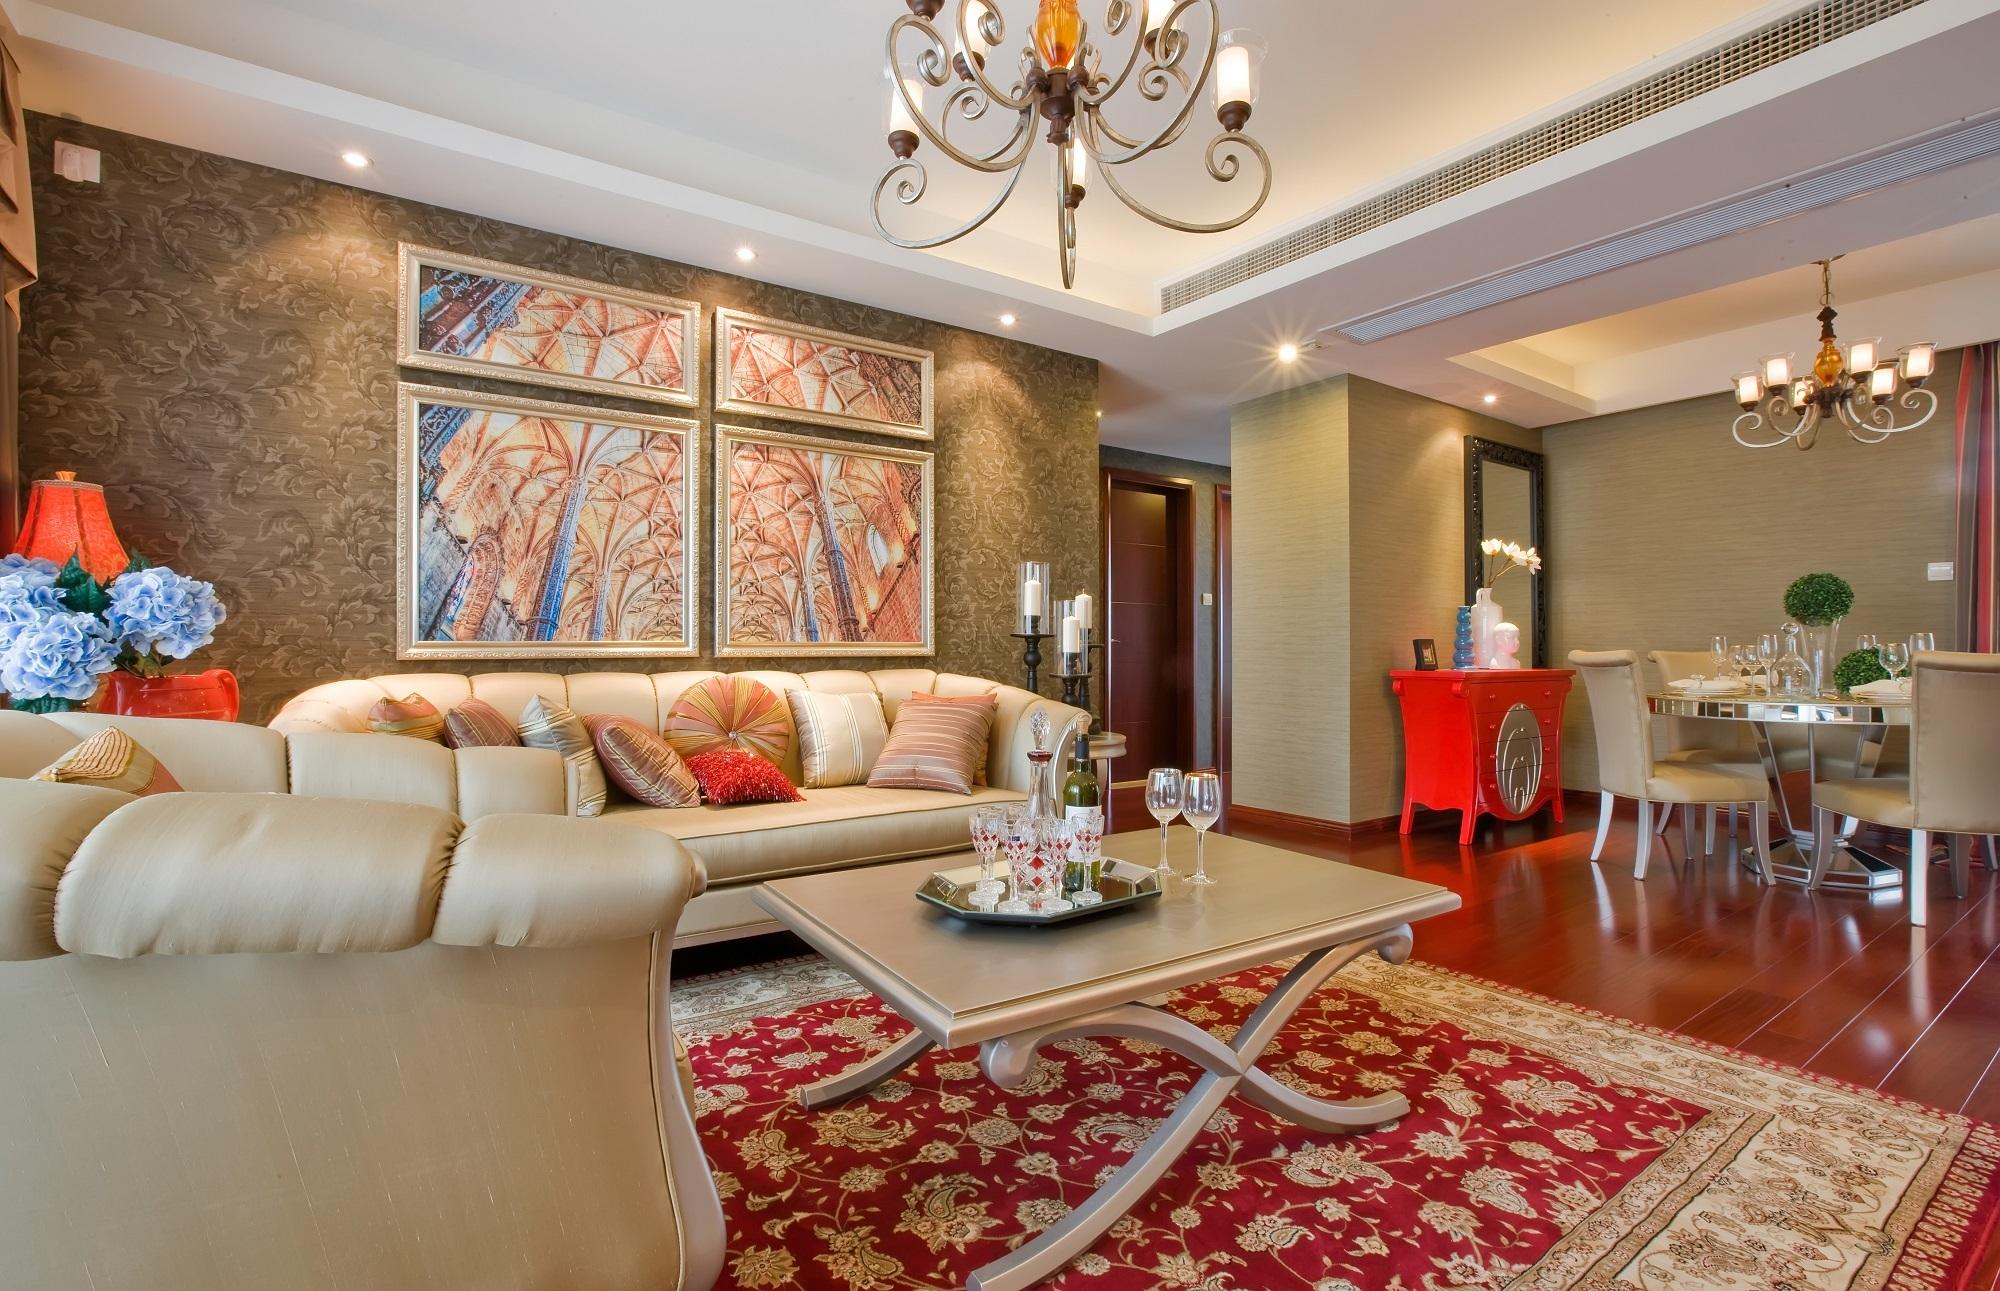 120平米简欧风格沙发背景墙装修效果图